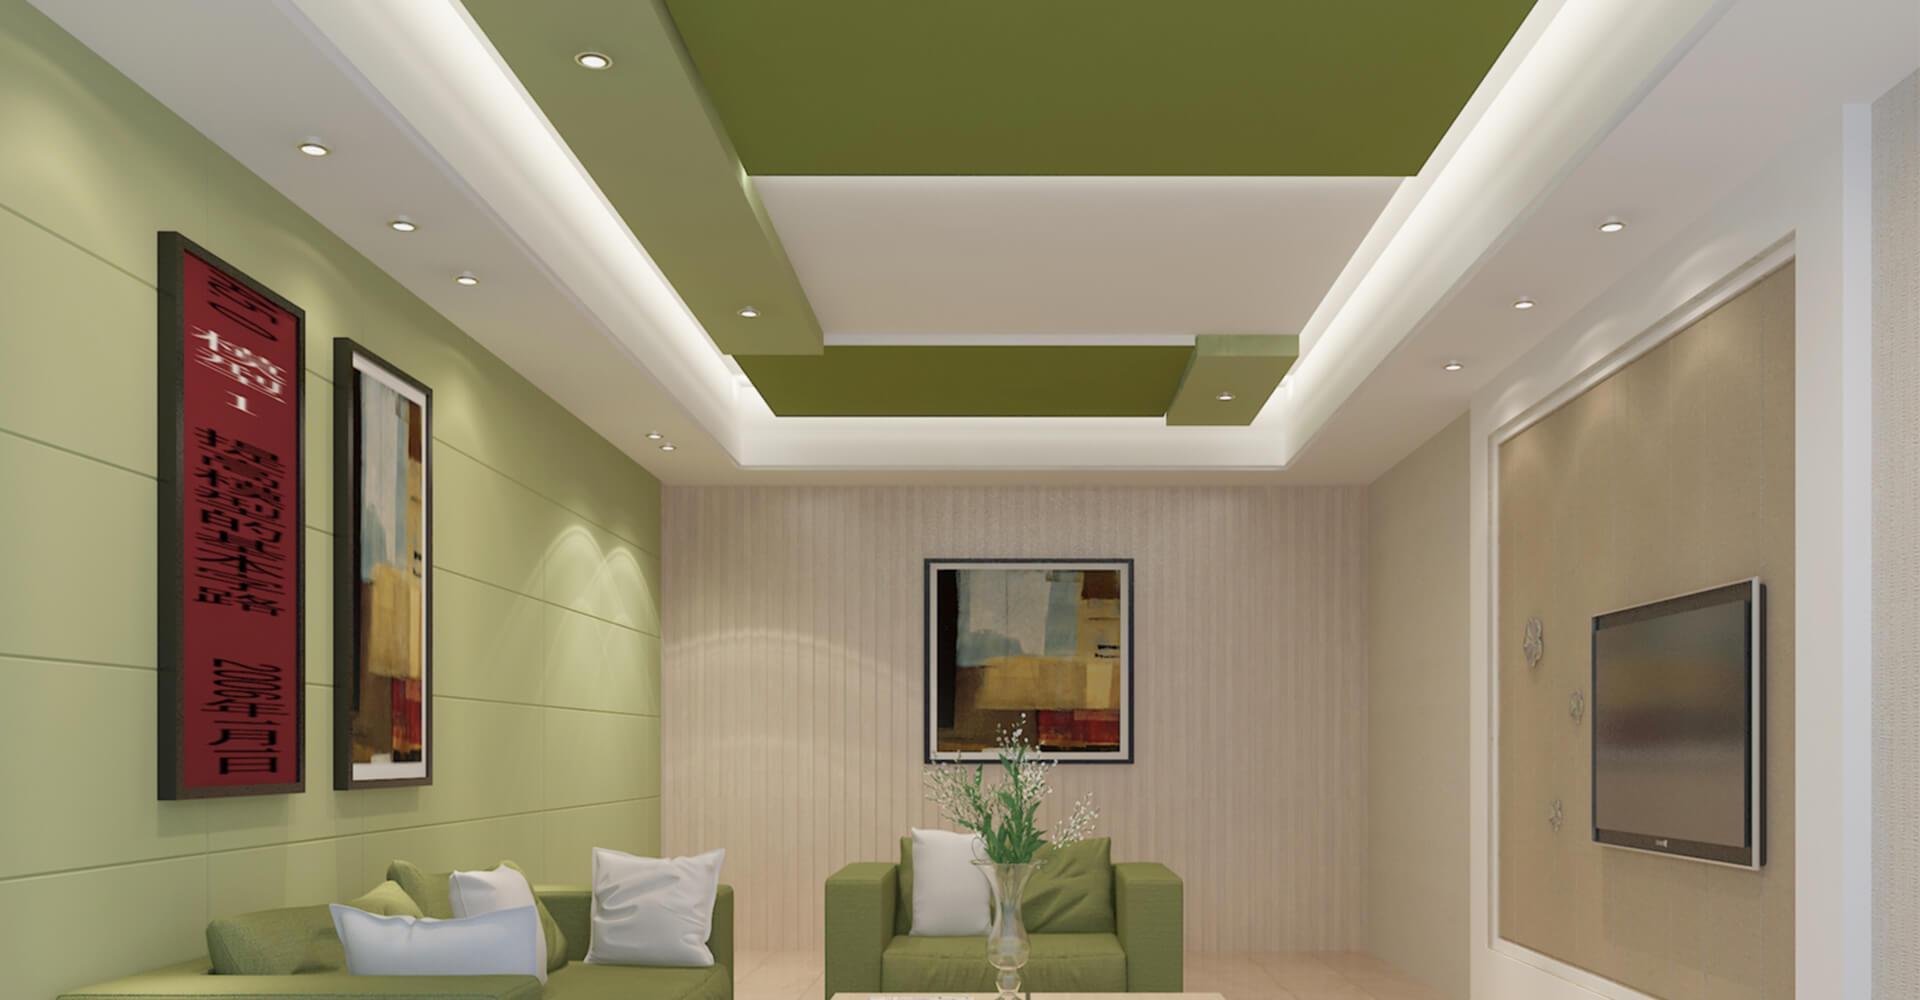 Best Gypsum Ceiling Designs in Nairobi, Kenya - Gypsum ...